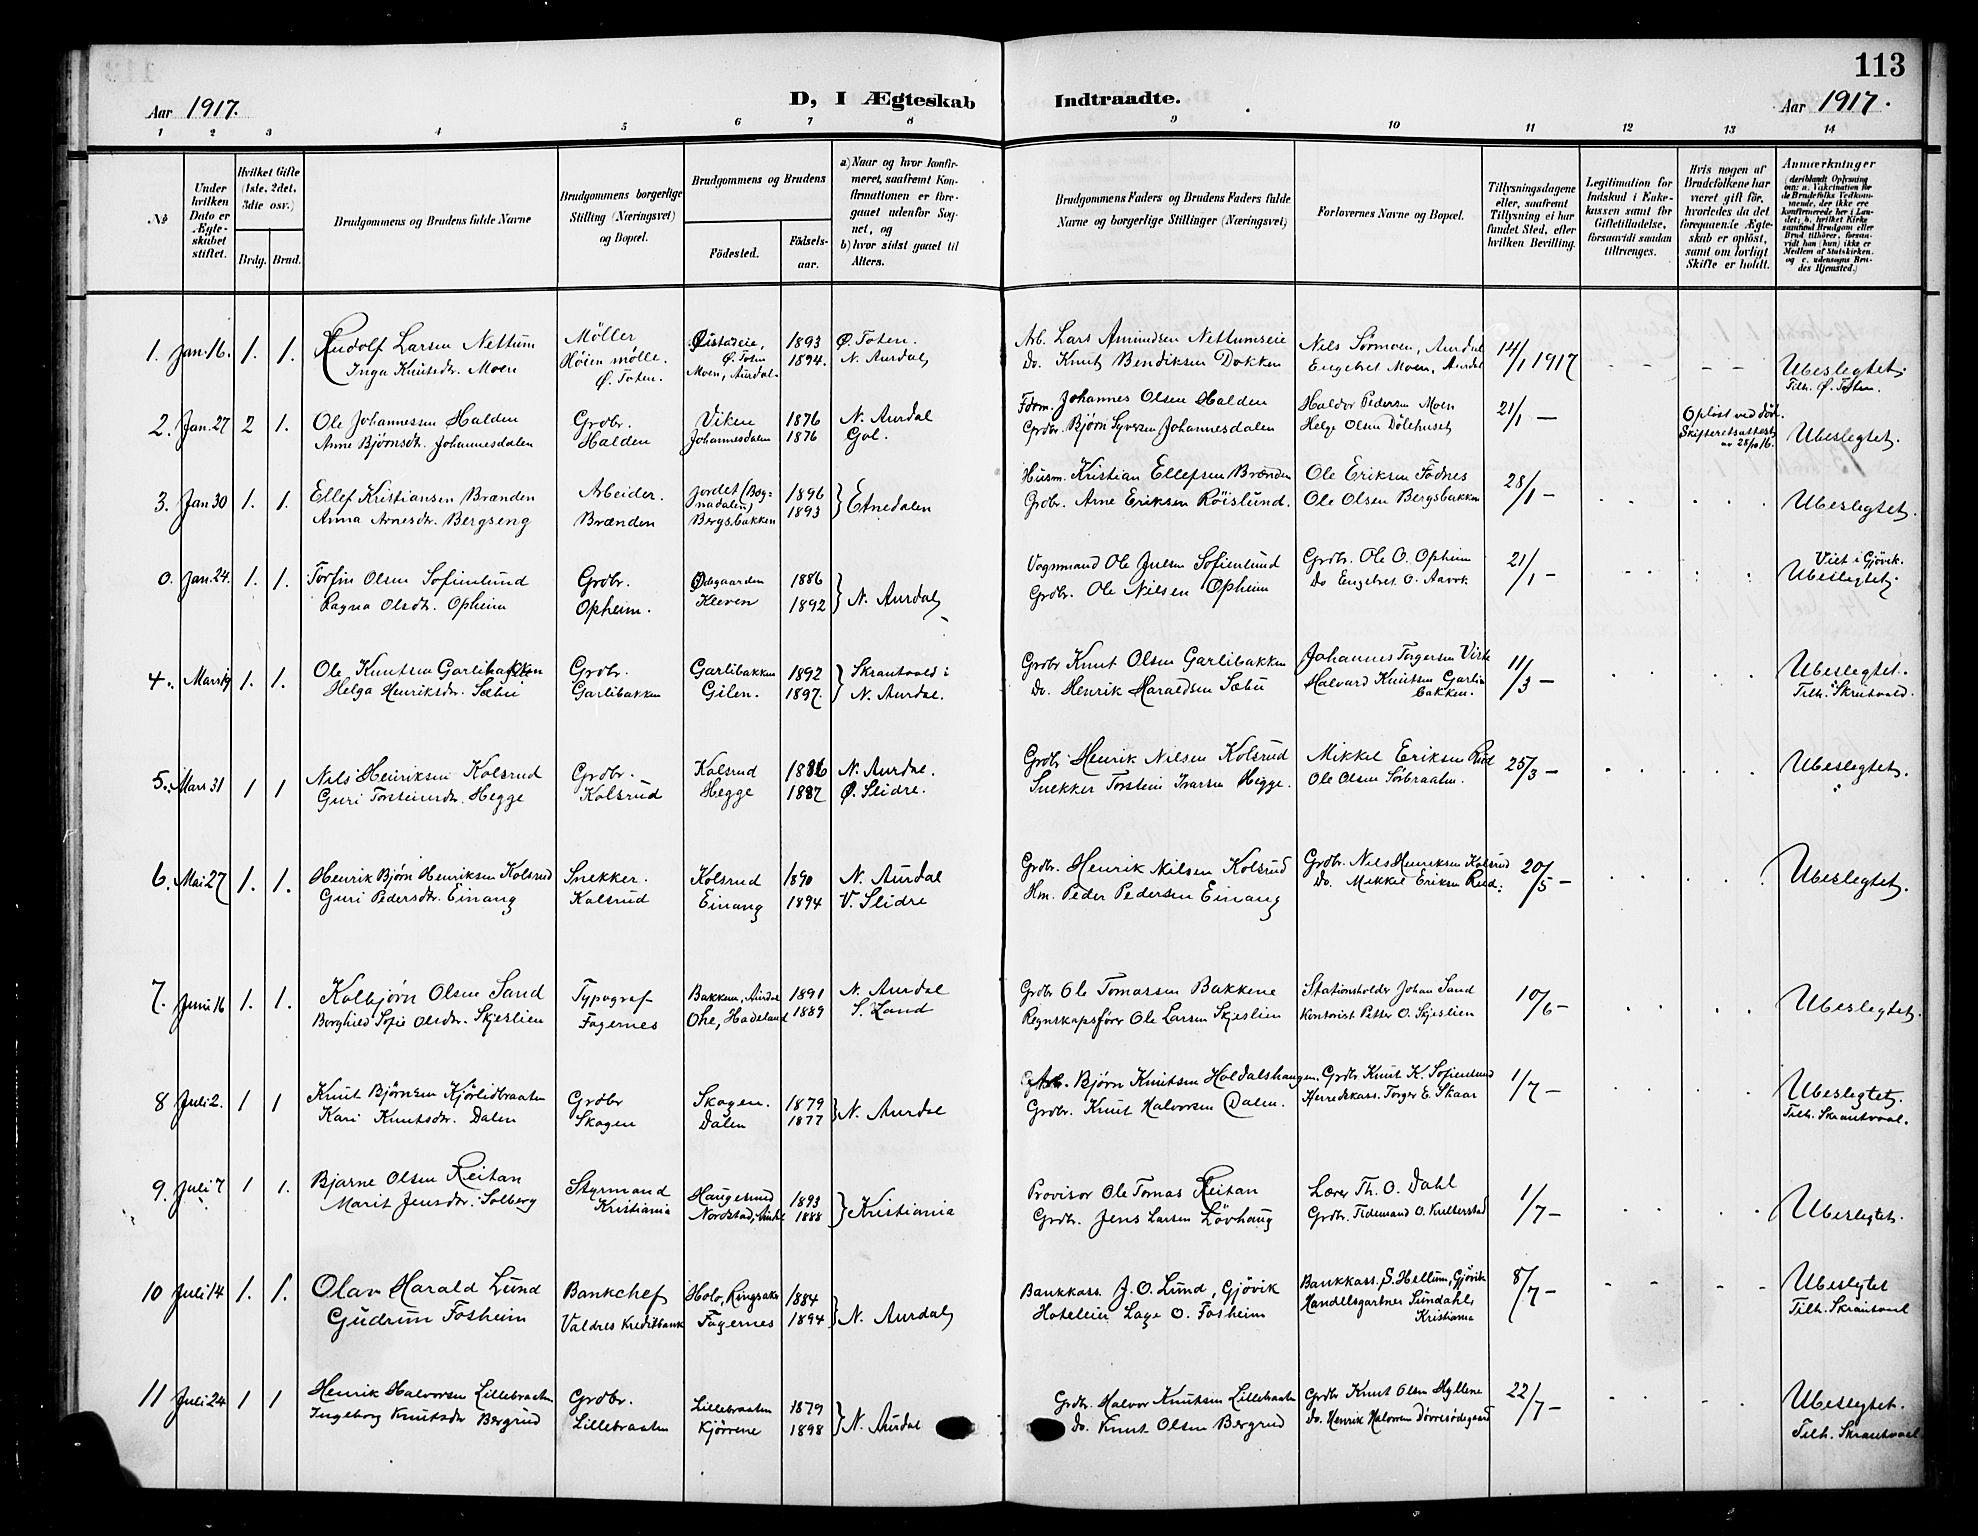 SAH, Nord-Aurdal prestekontor, Klokkerbok nr. 12, 1907-1920, s. 113